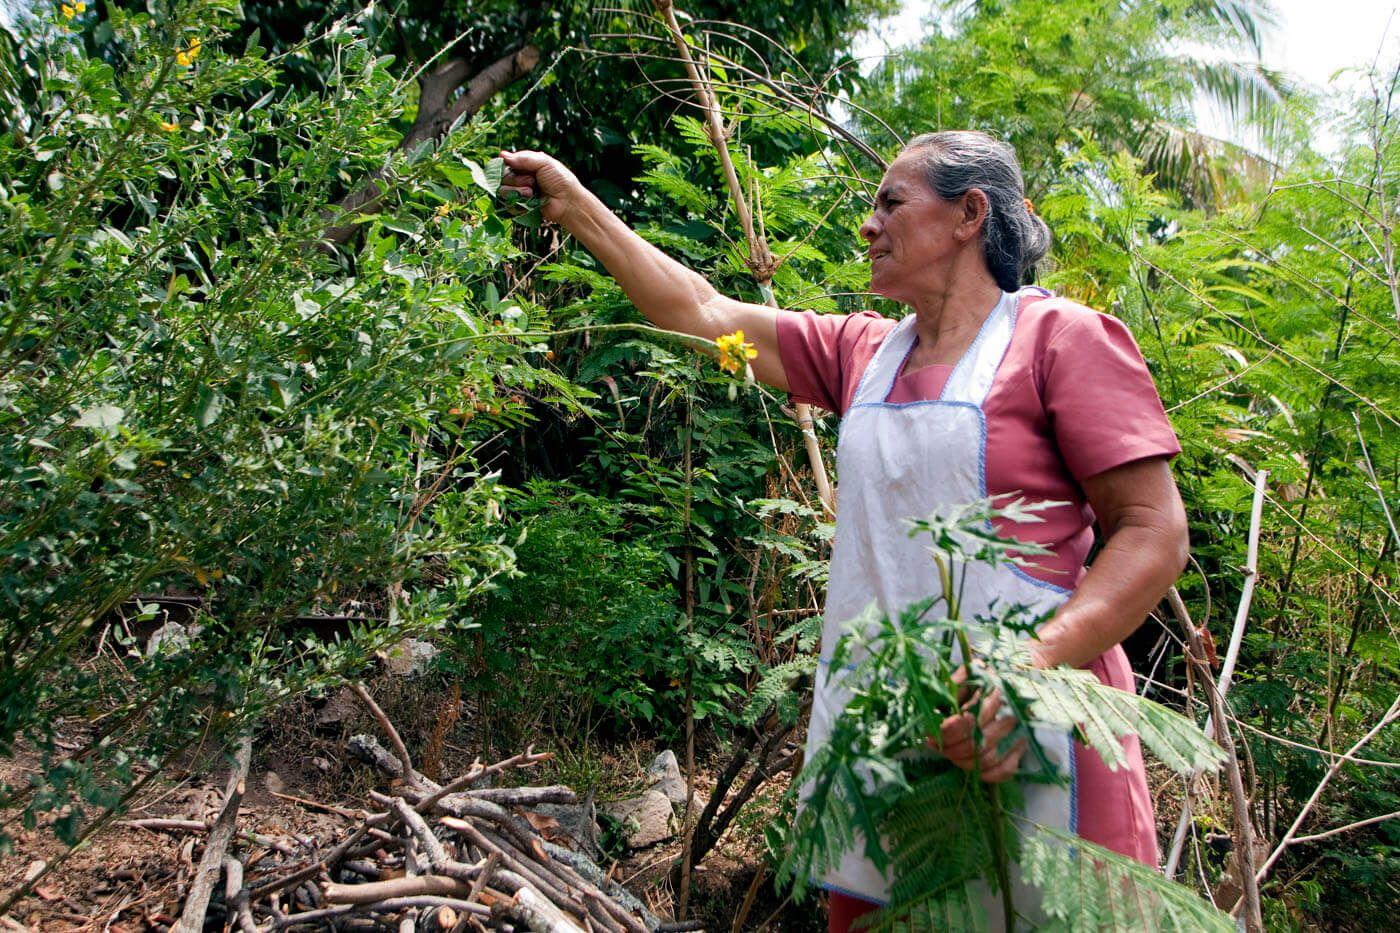 El ahorro es una práctica poco común en Colombia